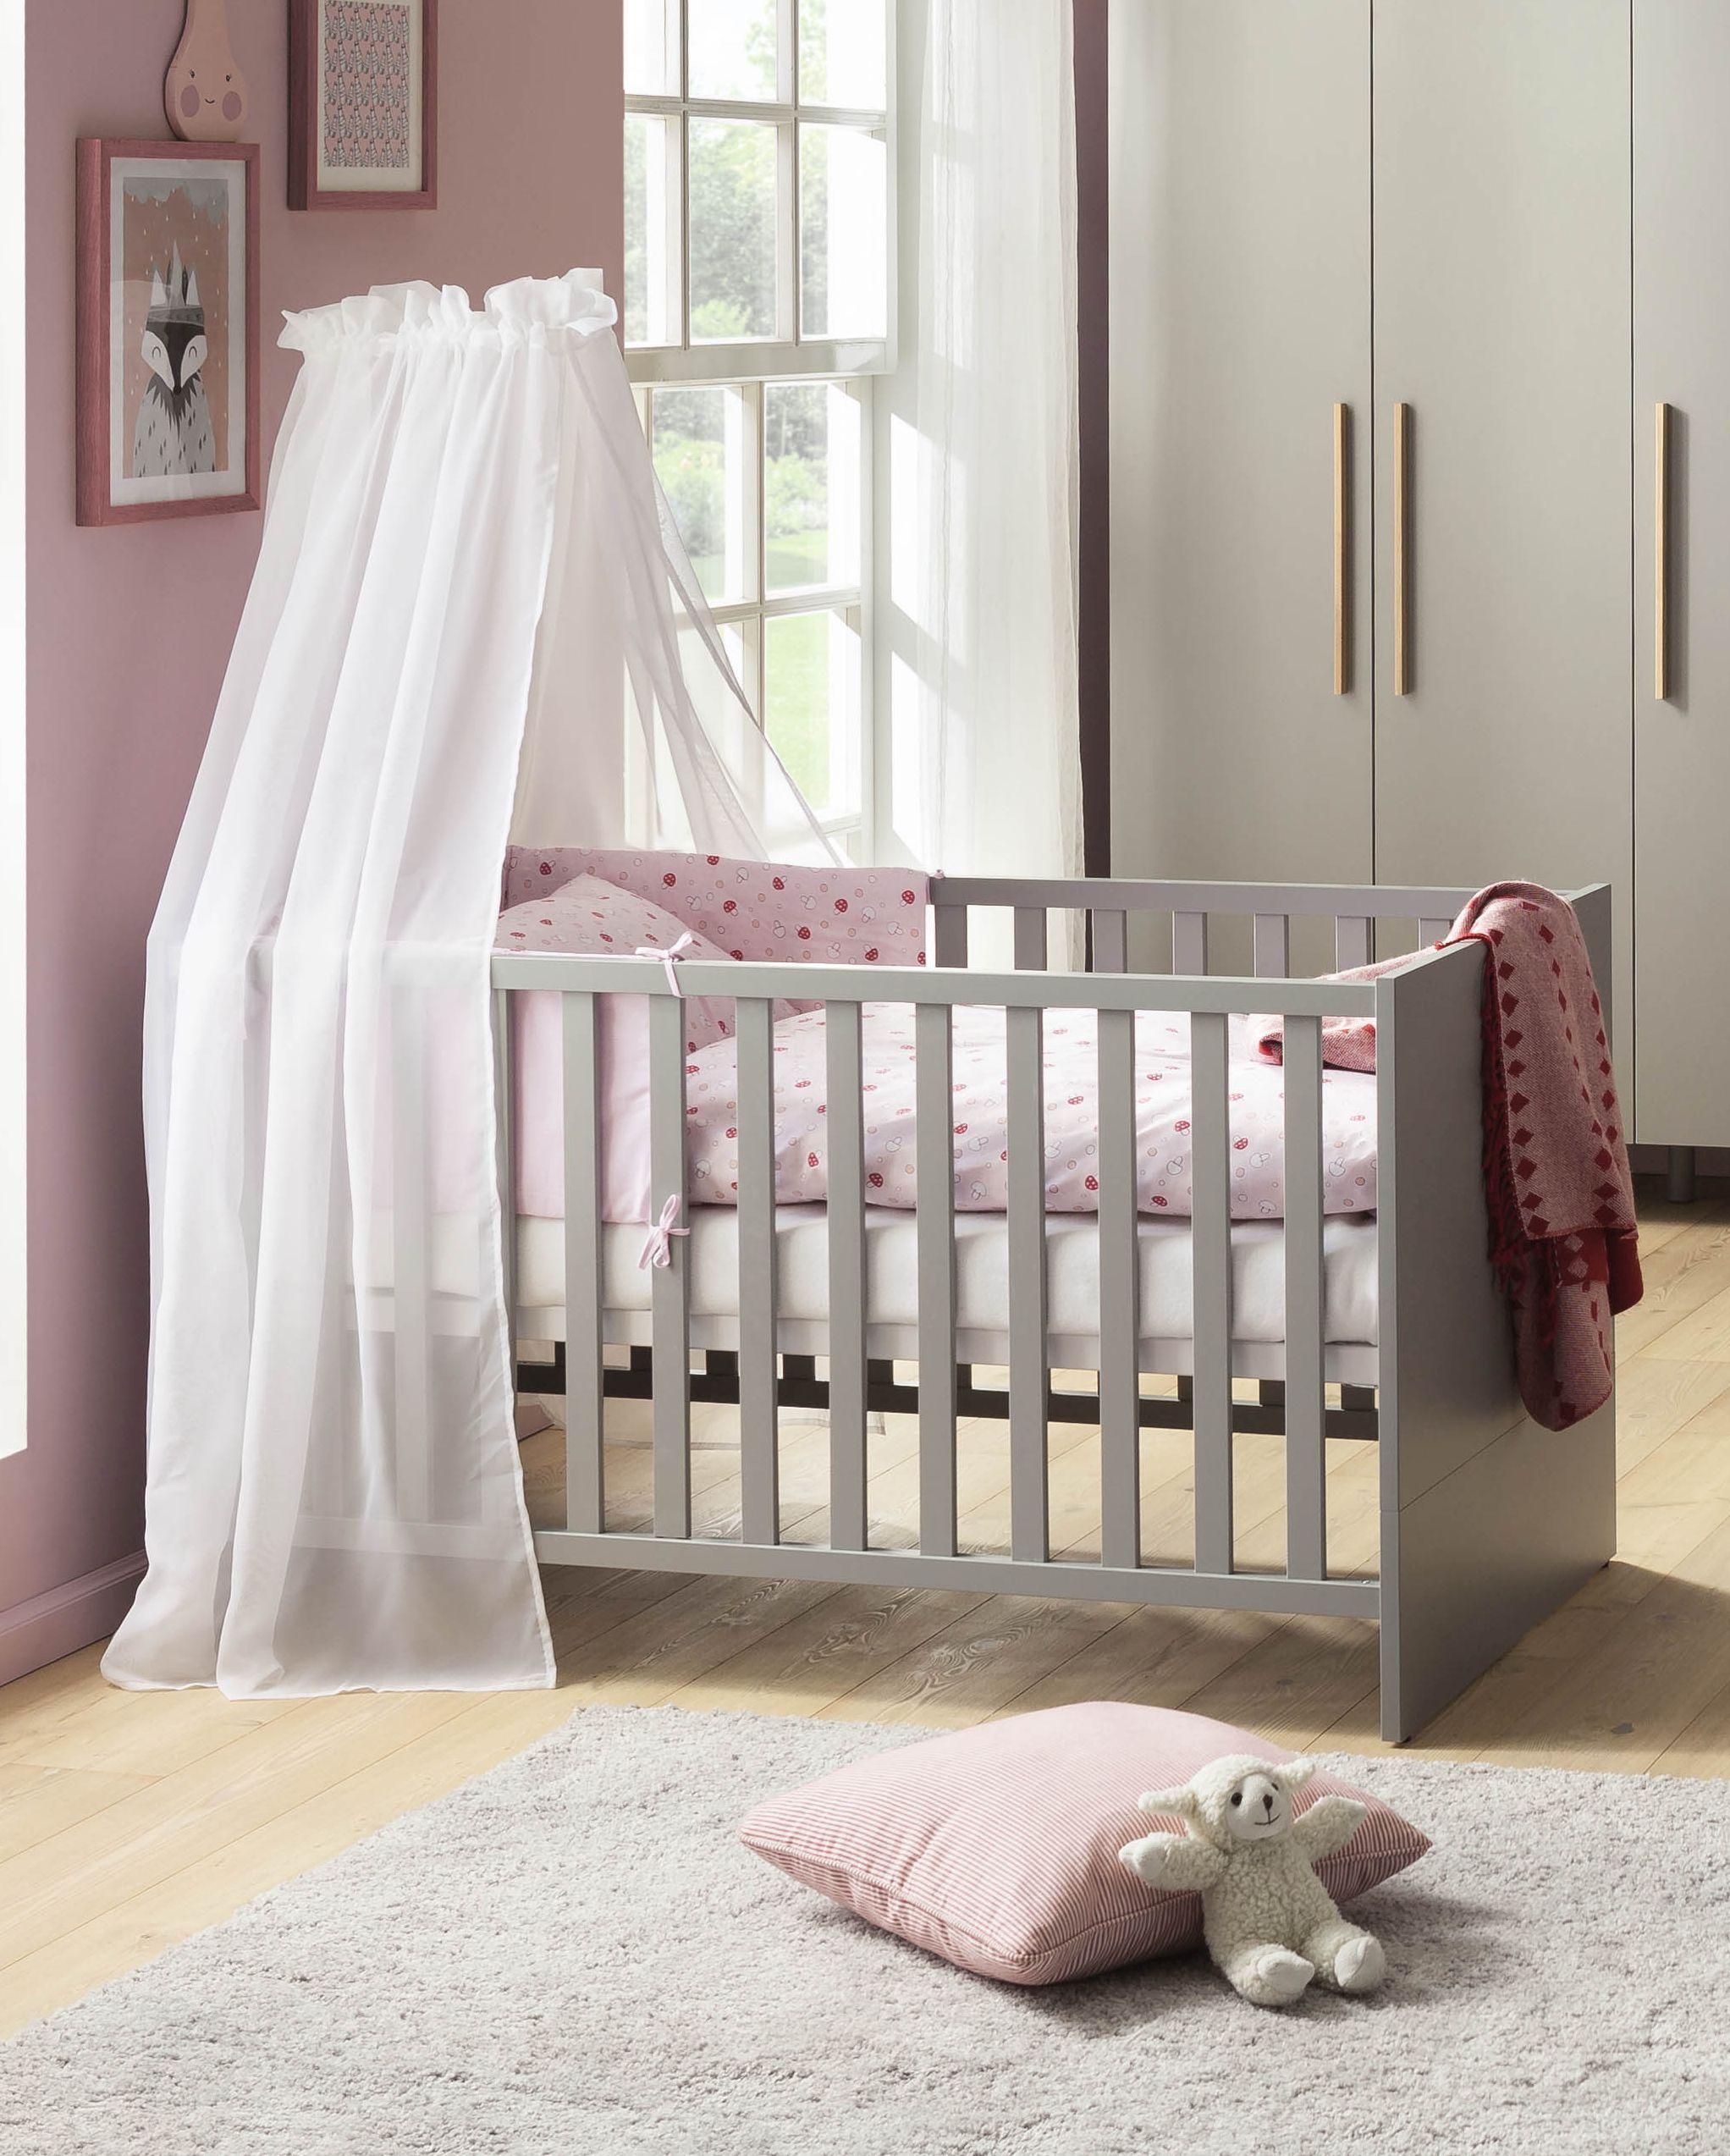 Kinderbett Vito Mira Kinder Bett Kinderbett Bett